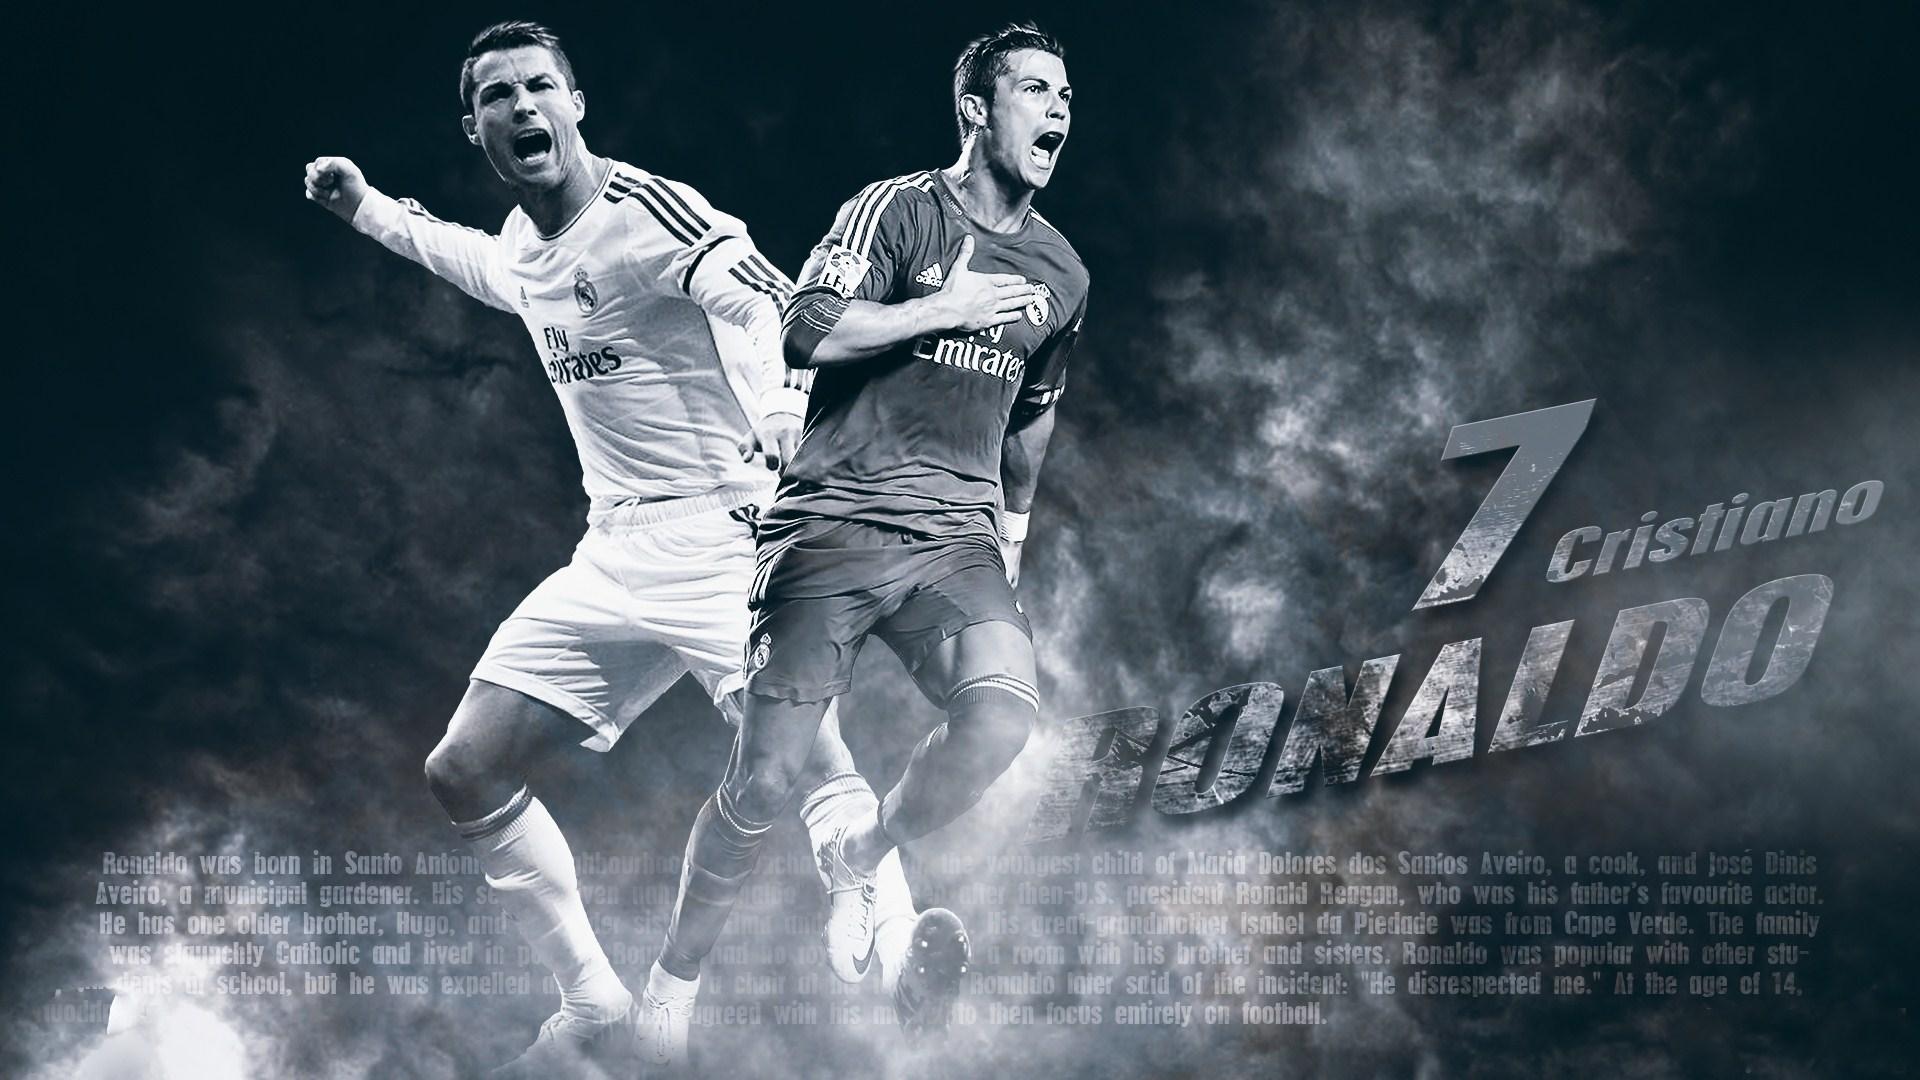 Cristiano Ronaldo Full HD Wallpaper 1920x1080